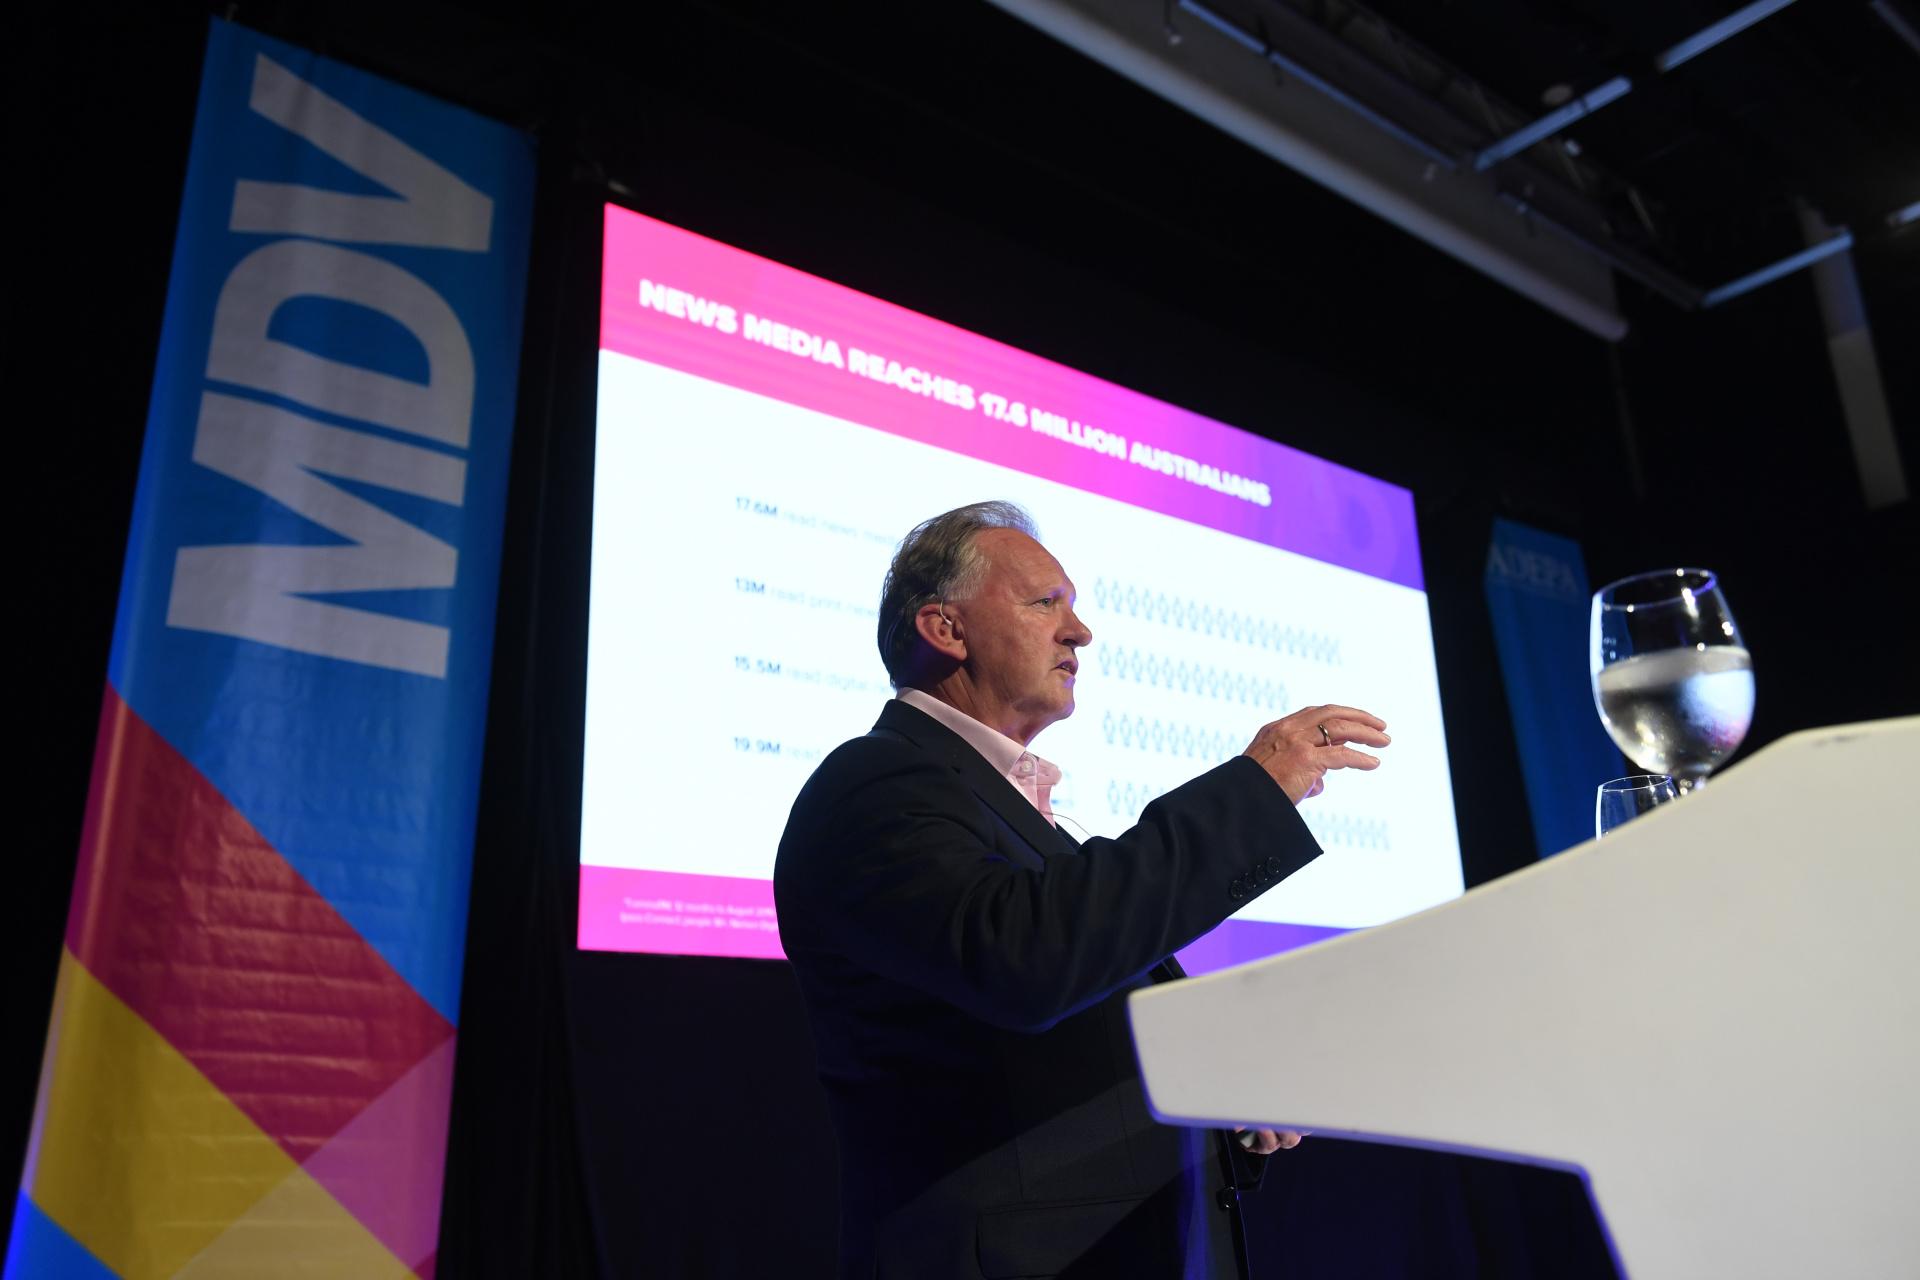 Peter Miller, CEO de NewsMediaWorks, Australia, habló sobre el vínculo de confianza que generan las marcas a través de las noticias